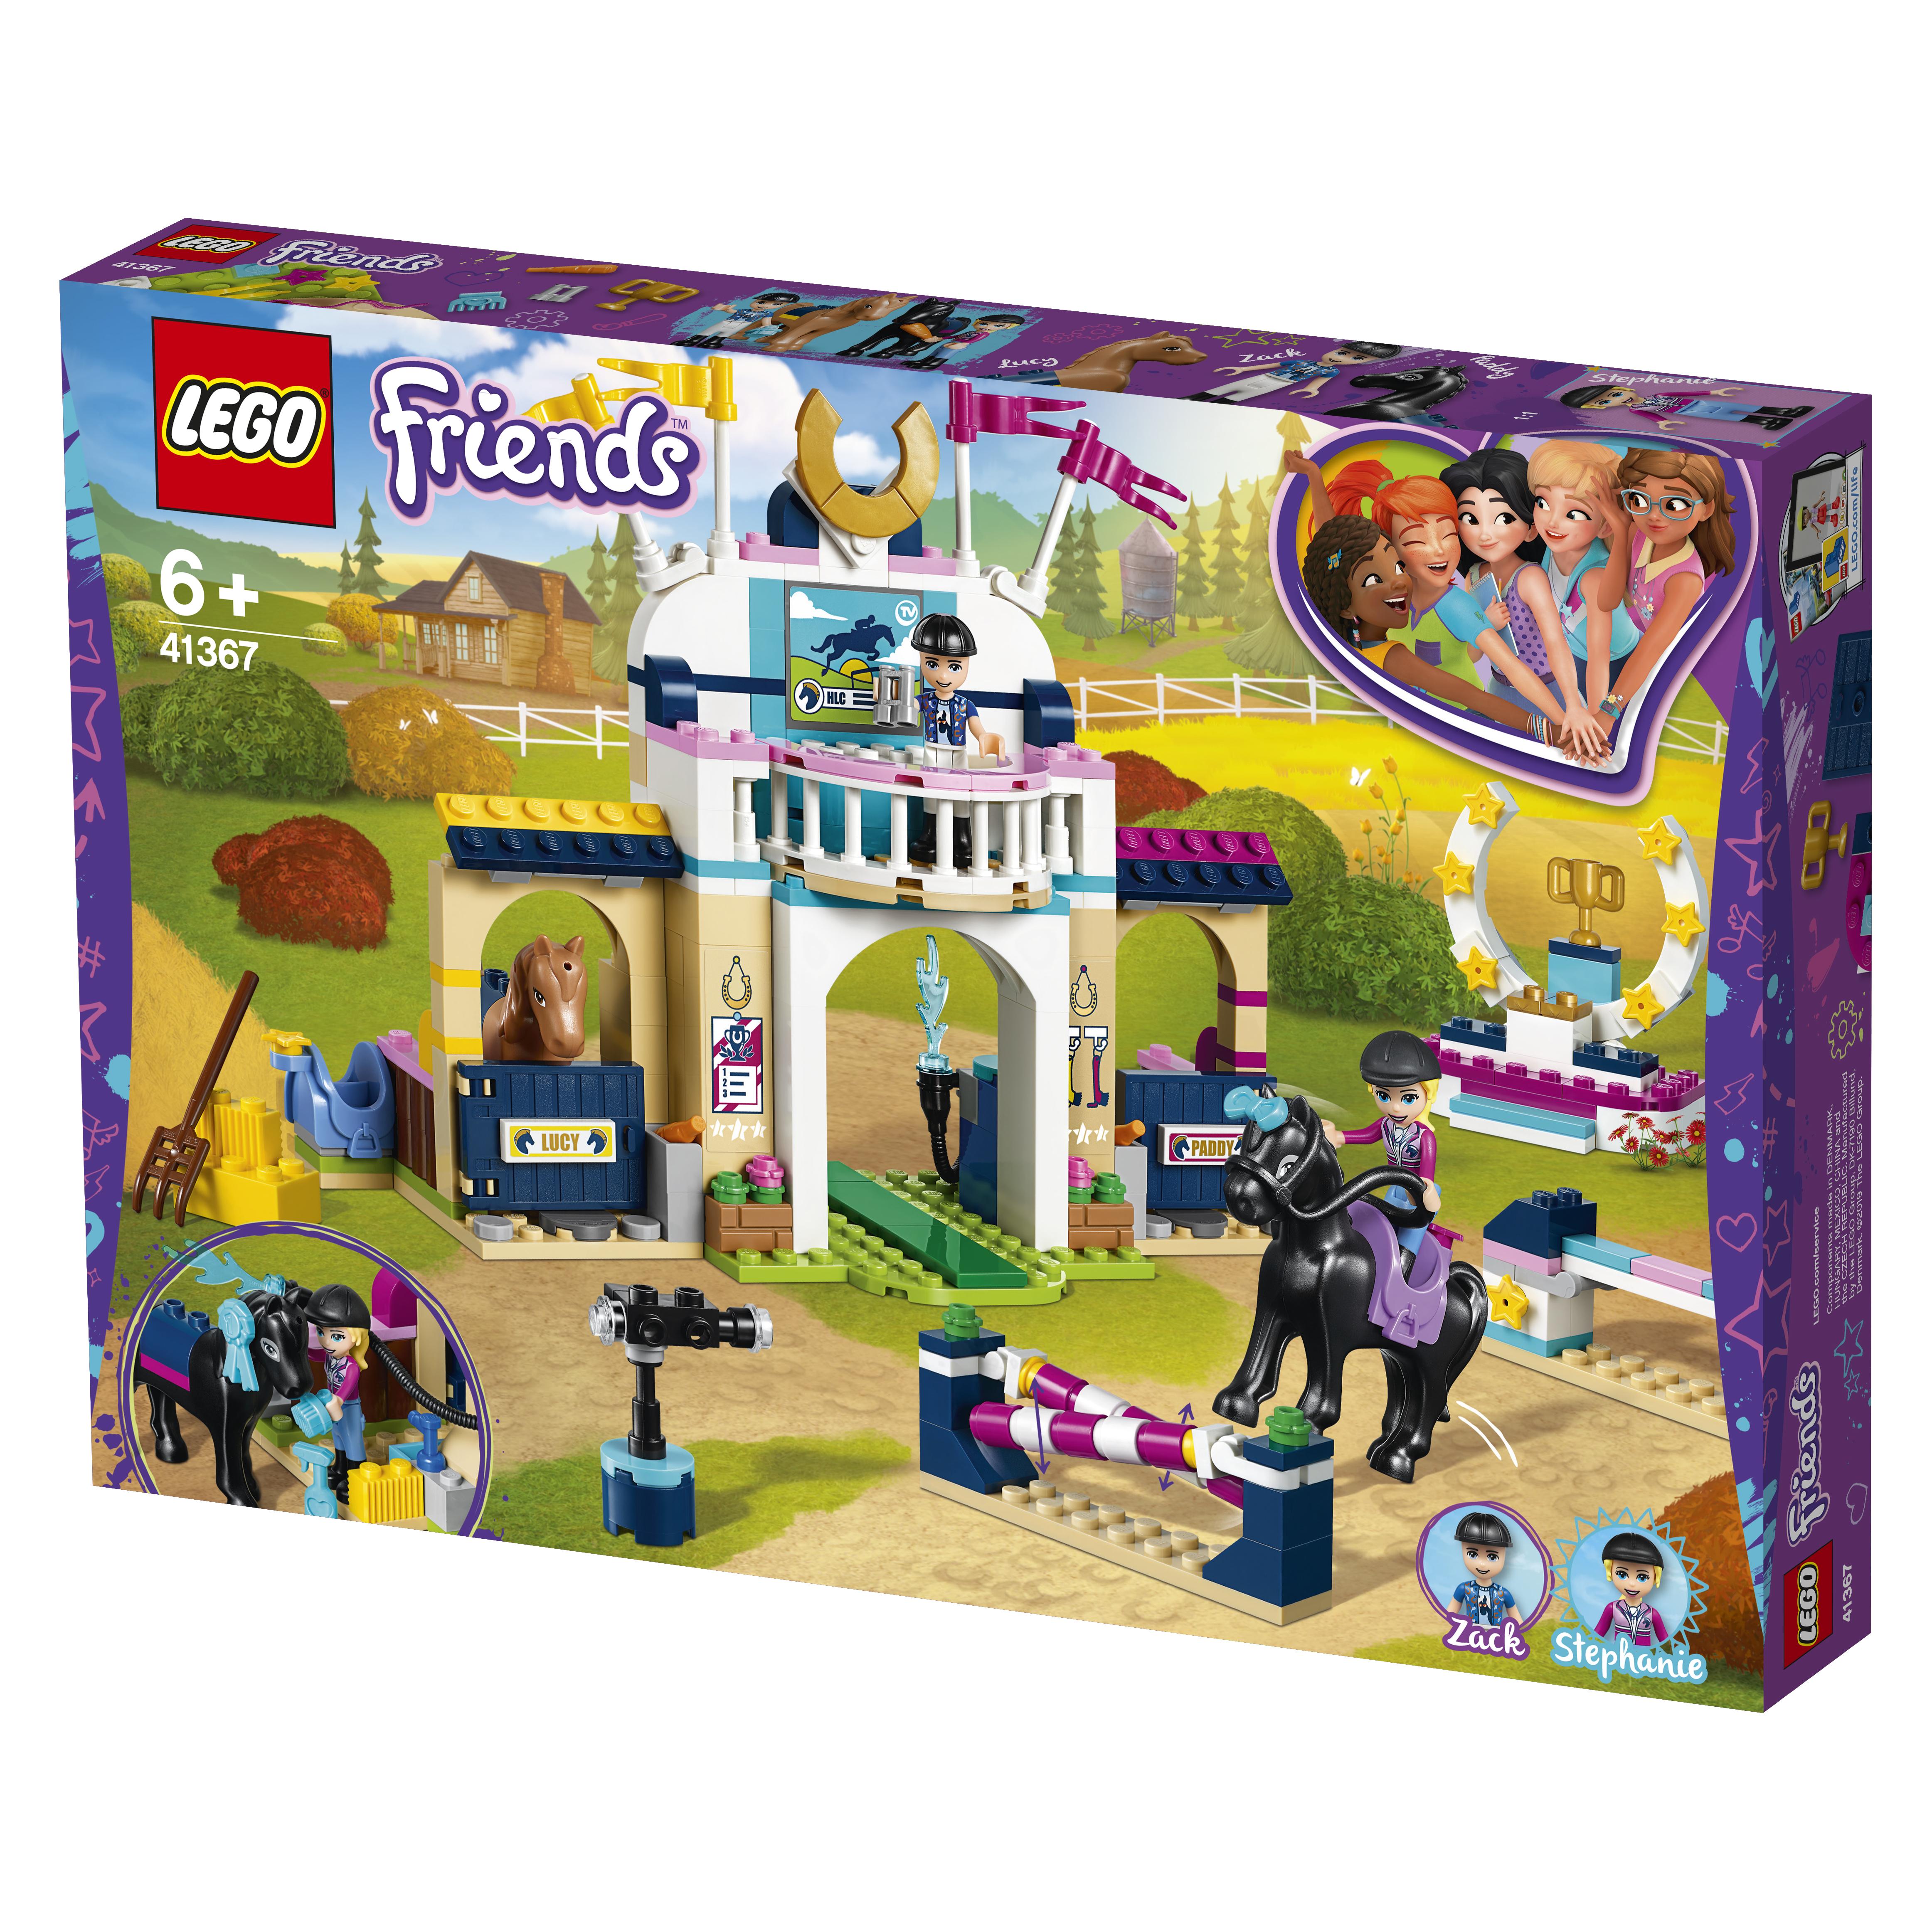 Speelgoed » Koop speelgoed voor alle leeftijden bij Coolshop